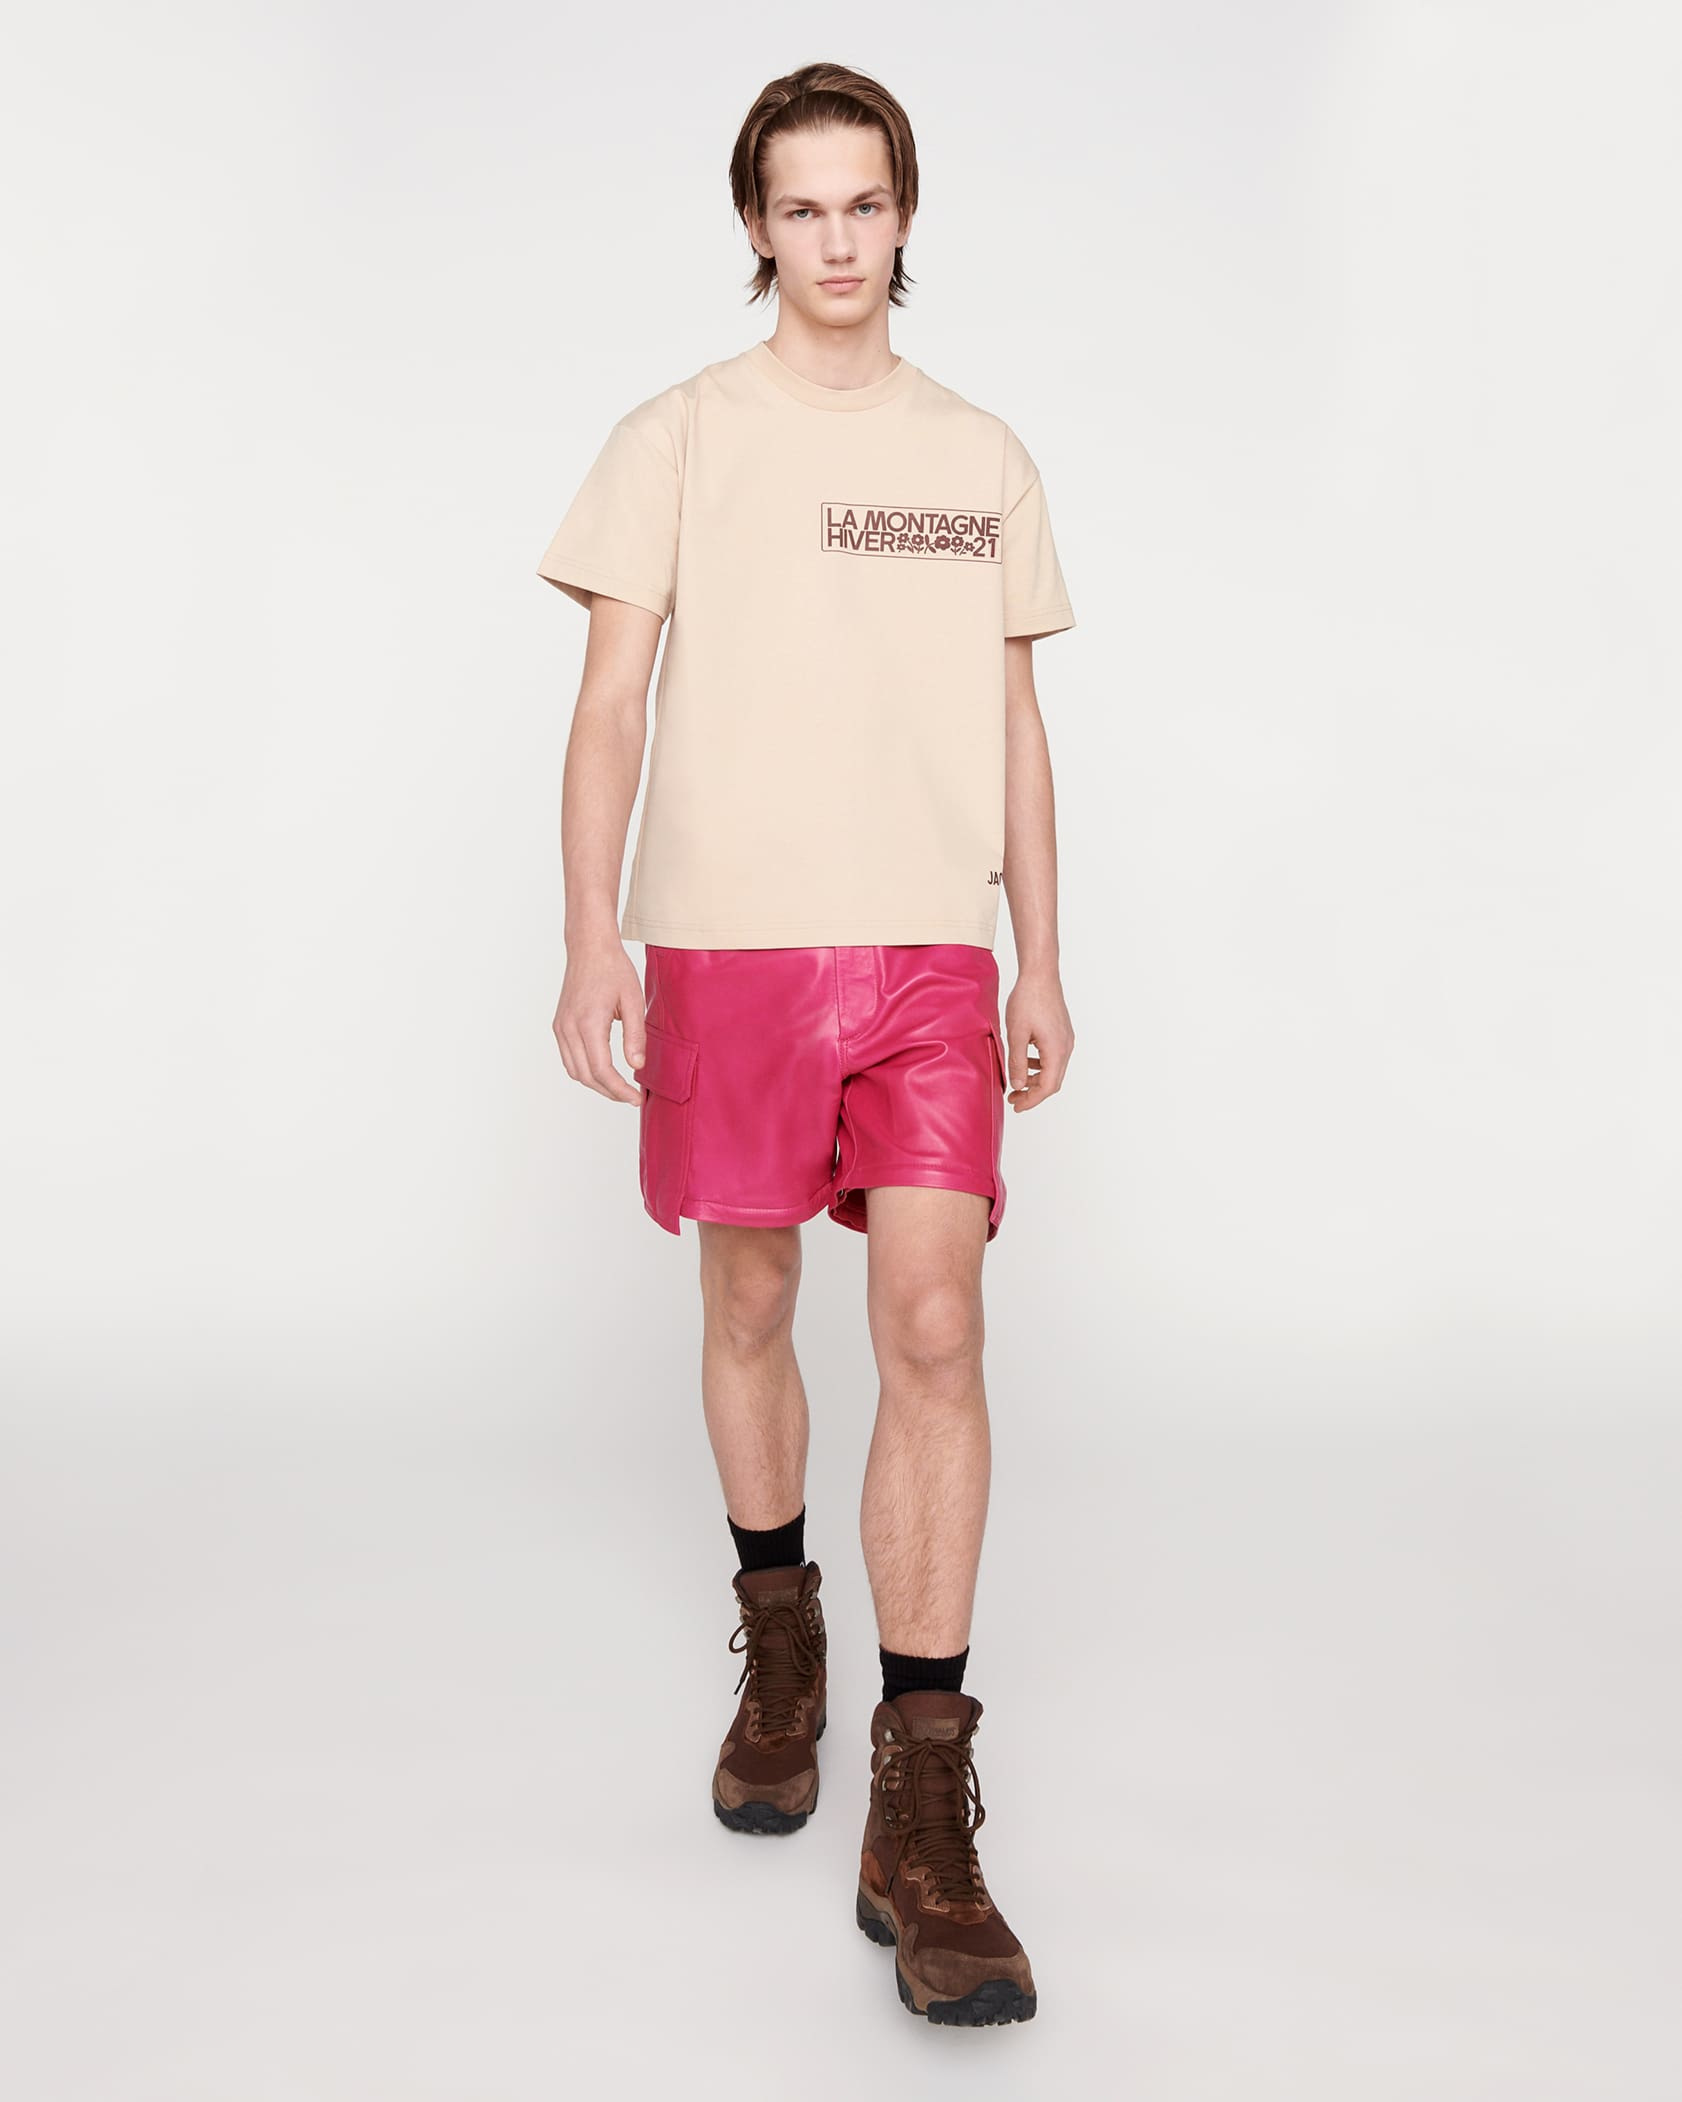 Le t-shirt Montagne